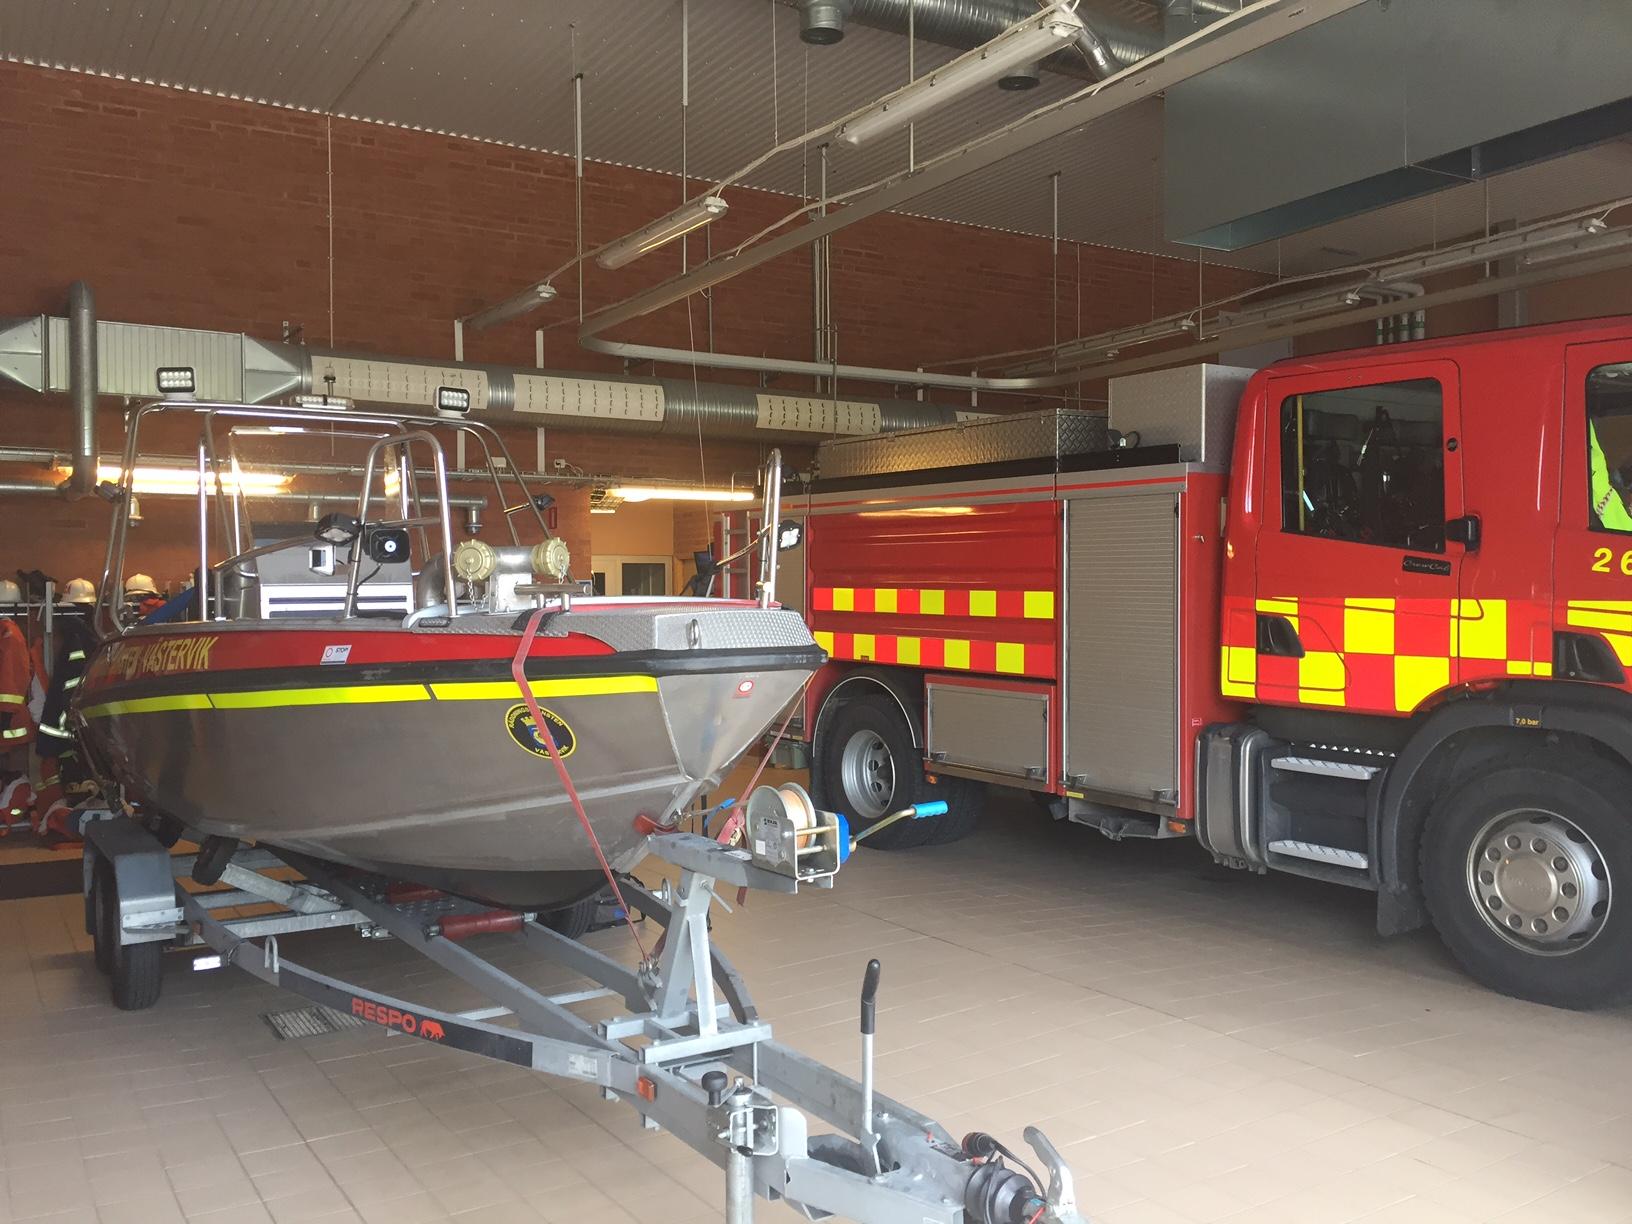 Vagnhallen Loftahammar brandstation